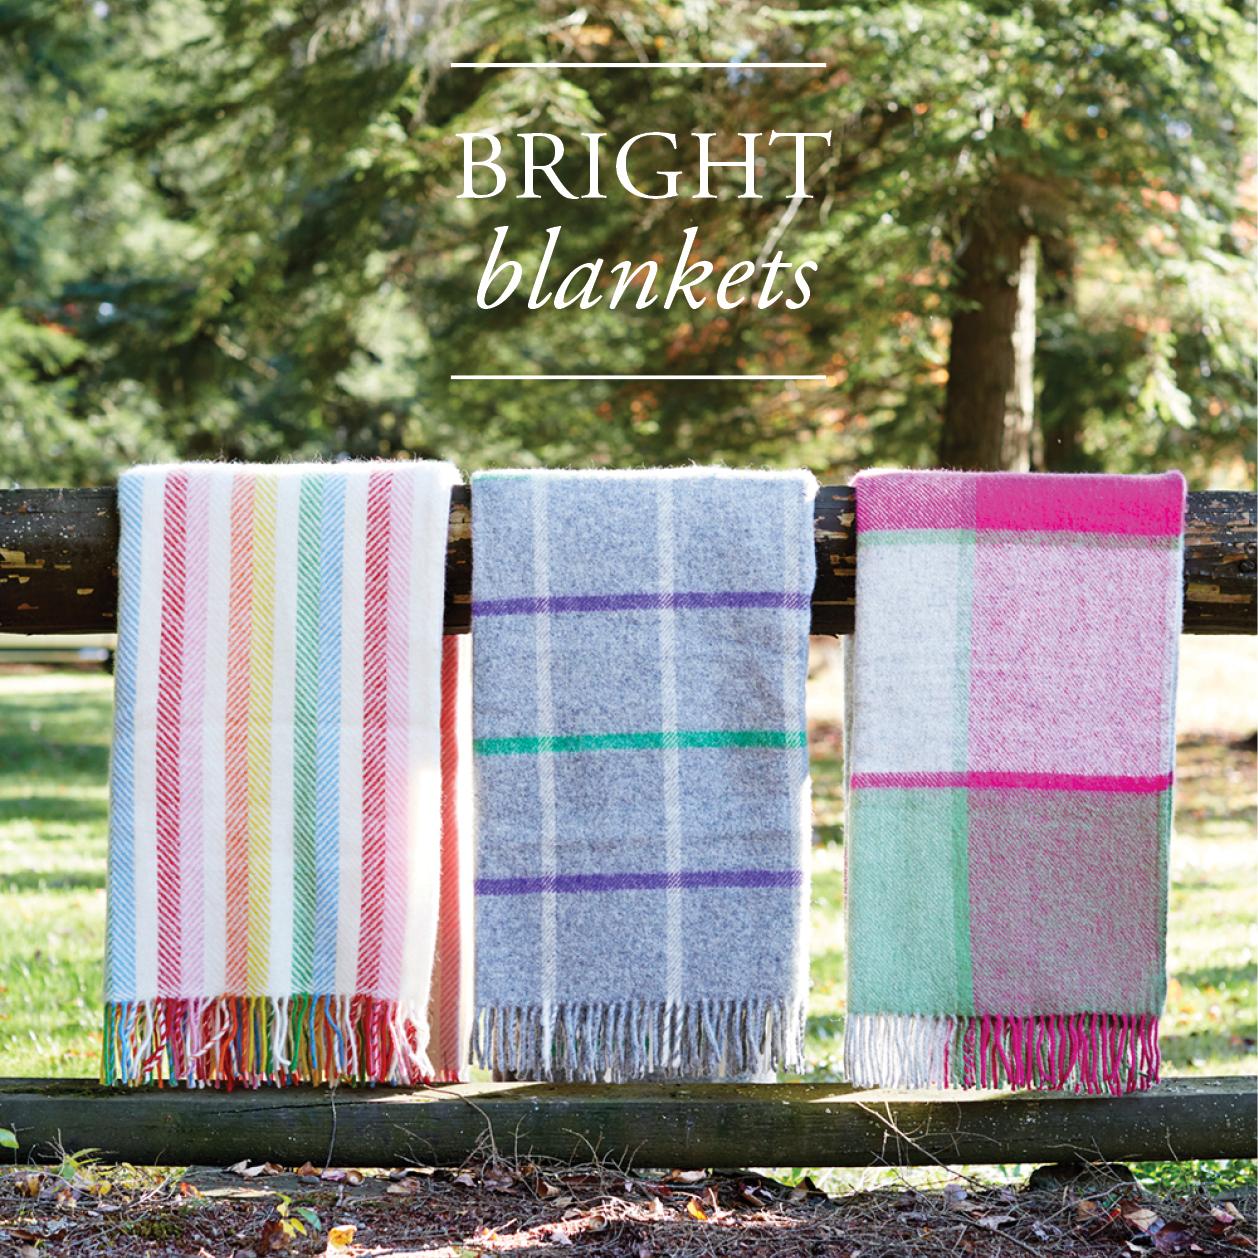 blankets-final.jpg